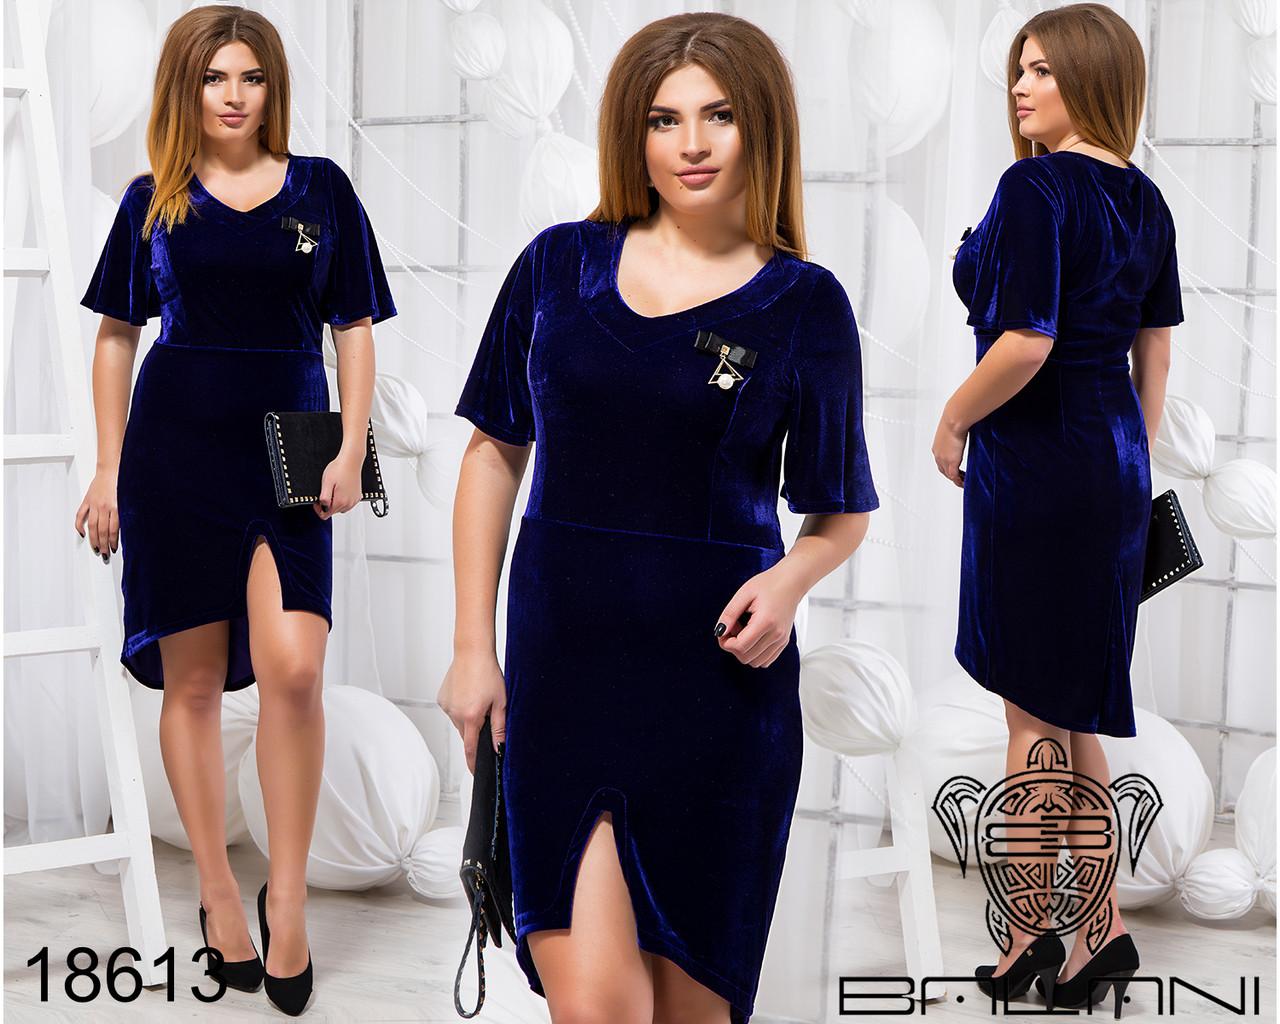 Стильное платье с брошью - 18613 Электрик/